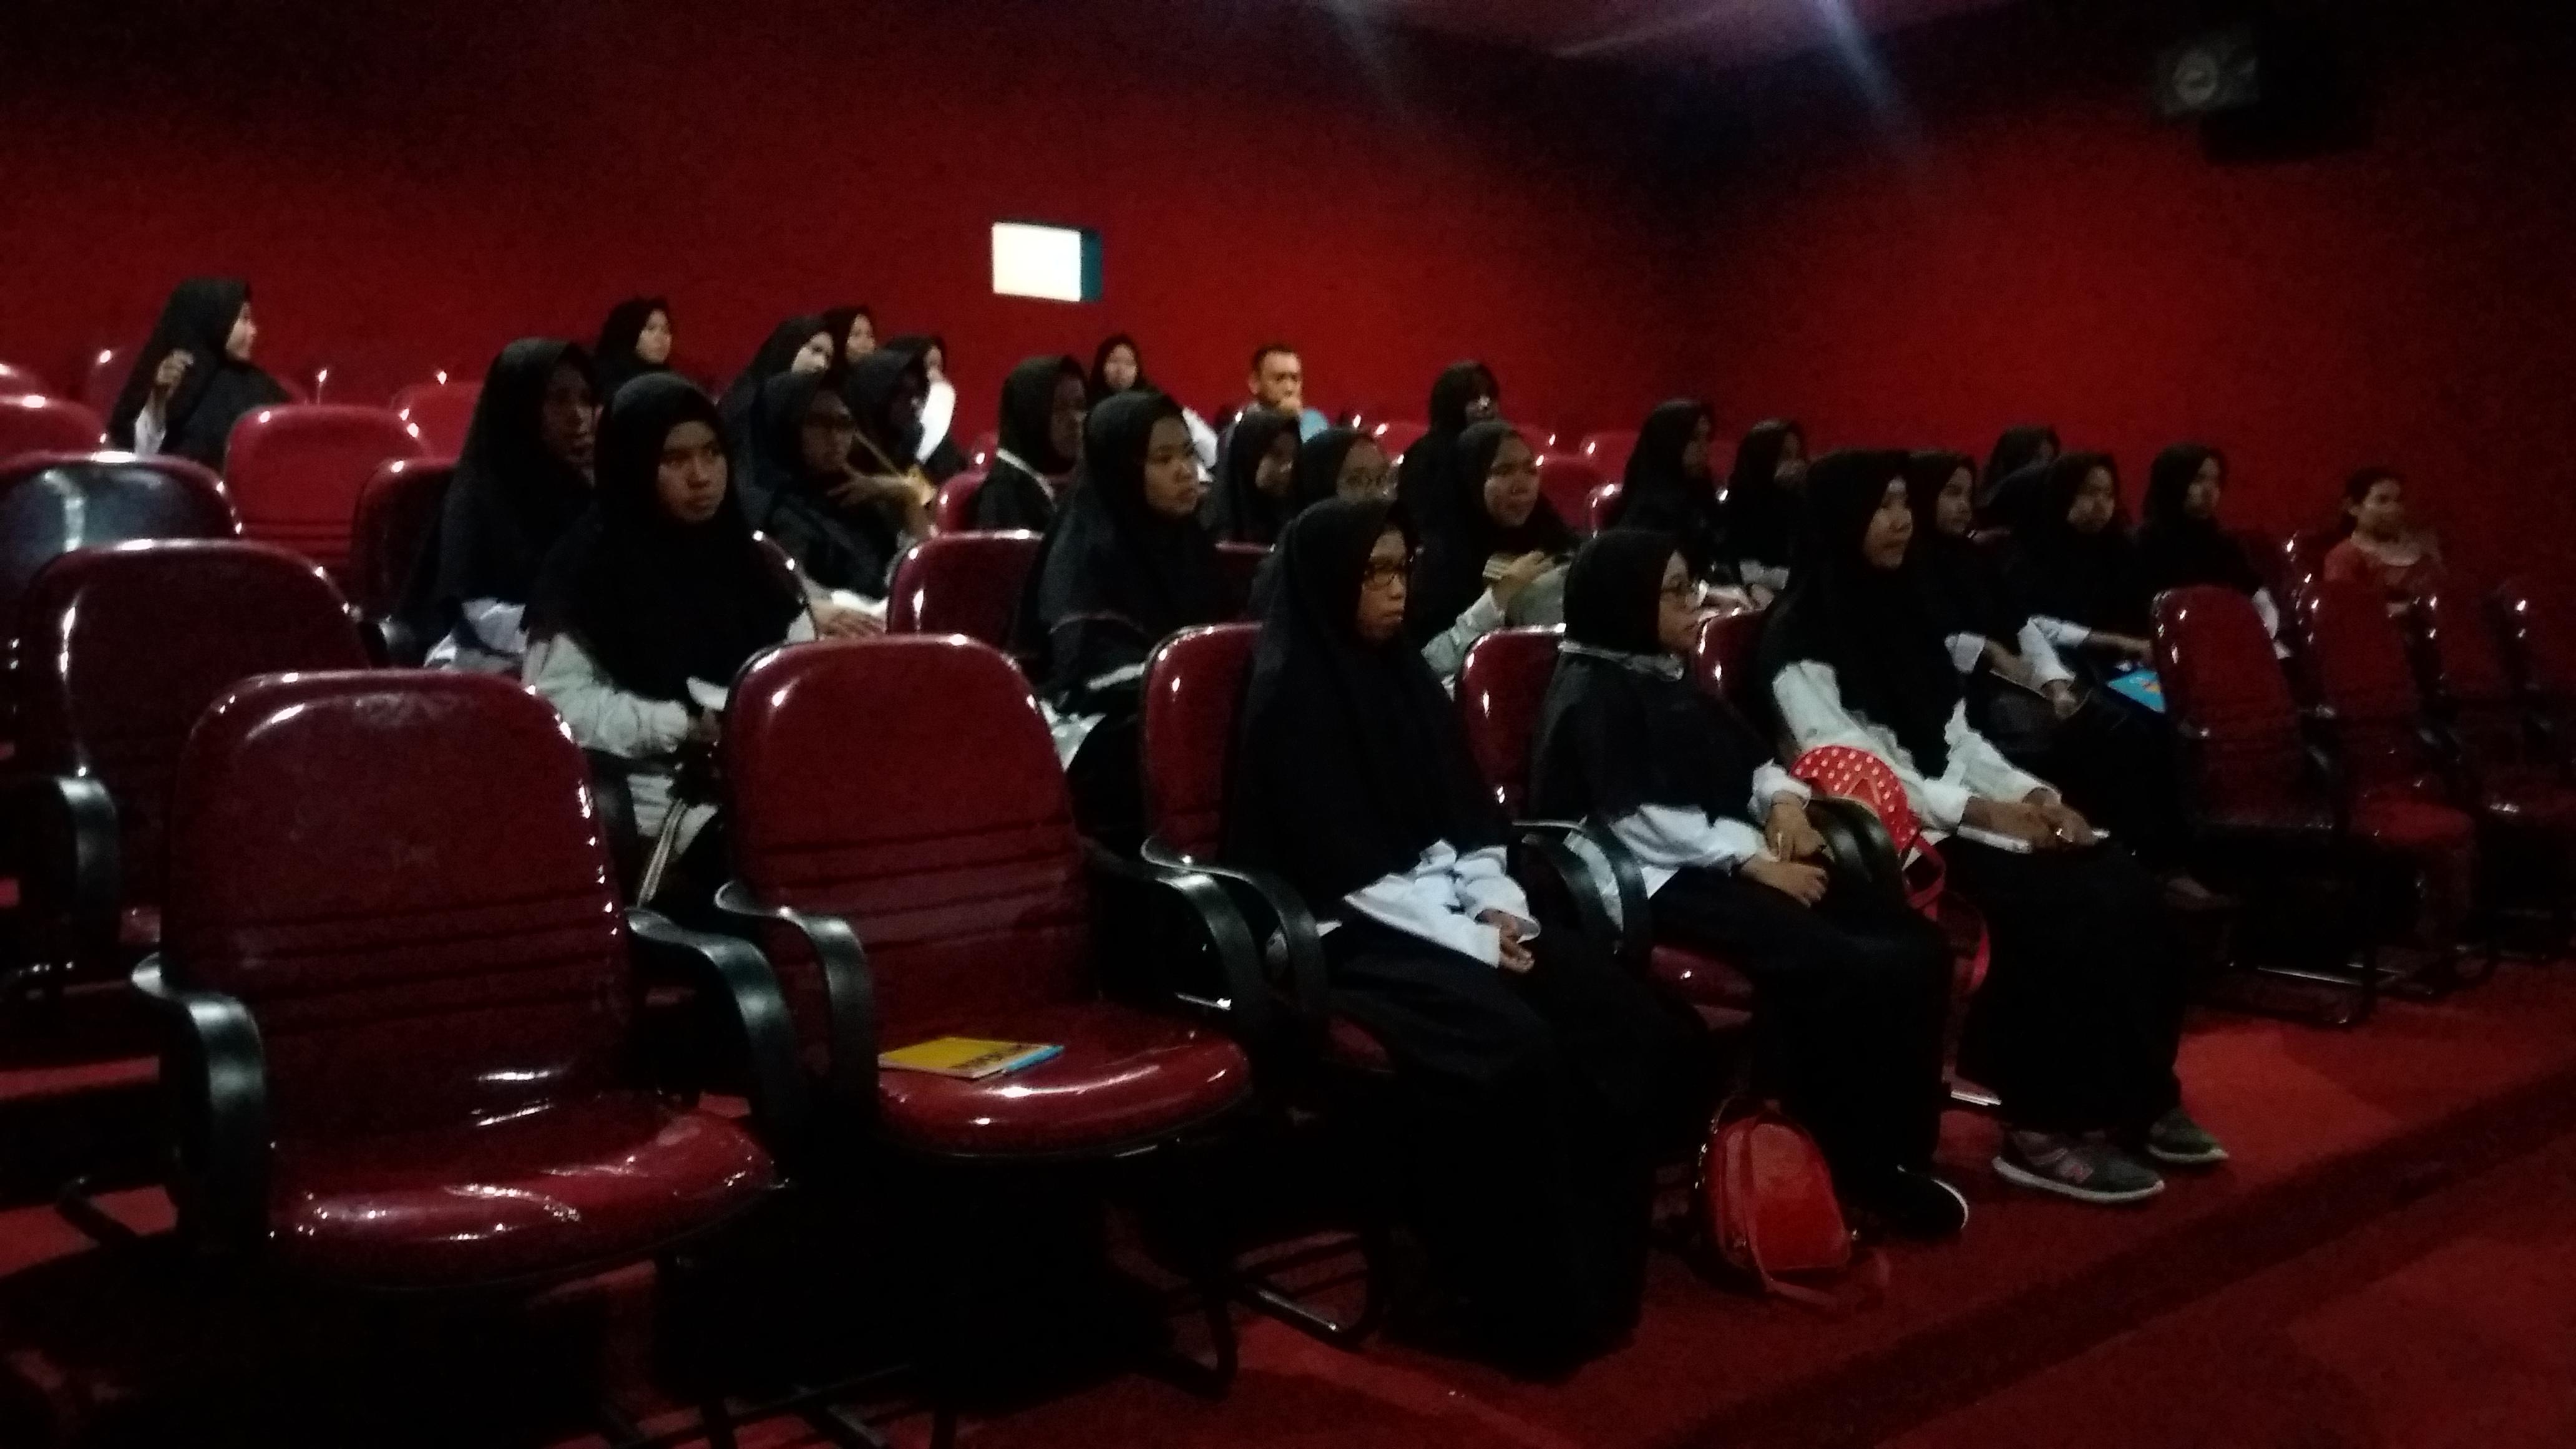 """Read more about the article Bioskop Mini BPNB Kalbar Putar """"Film Batas"""" Bersama Pesantren Madrasah Aliyah Khulafaur Rasyidin"""